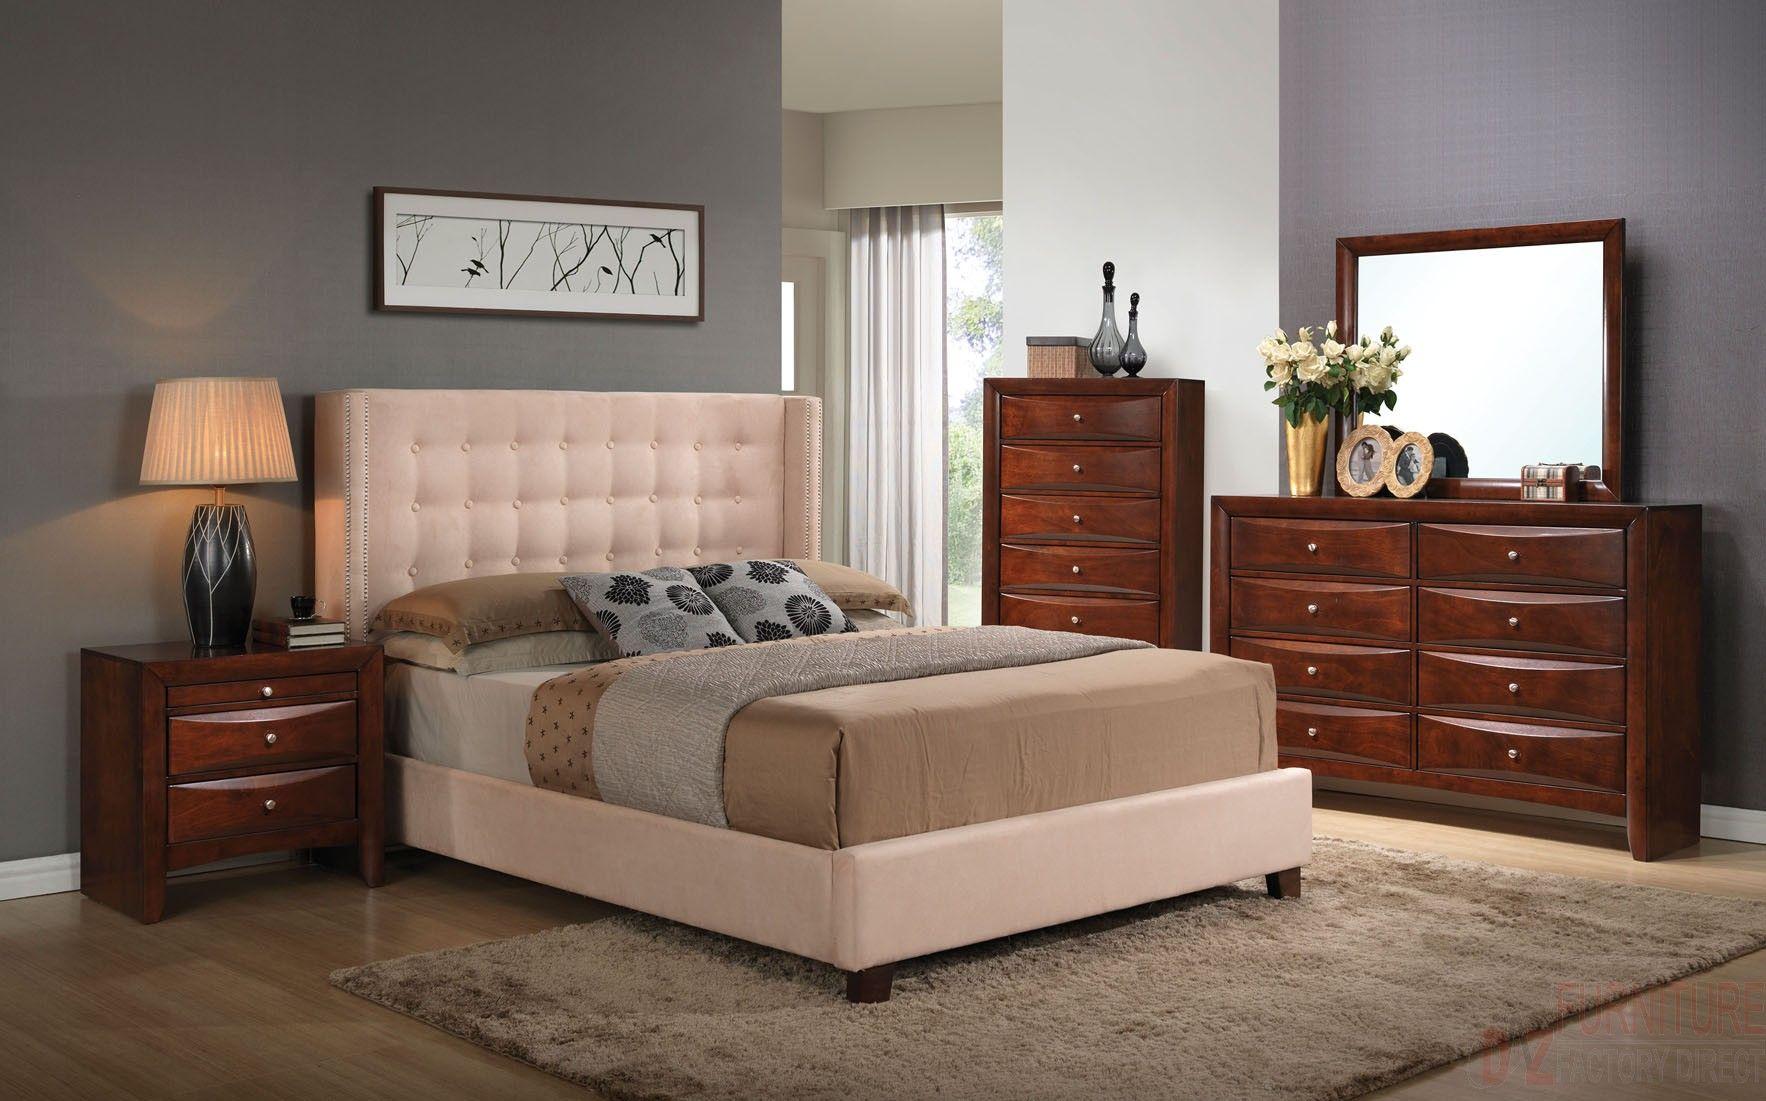 Acme 20757ek Ek Pu Bed Dazillion Bedroom Sets King Bed Sheets